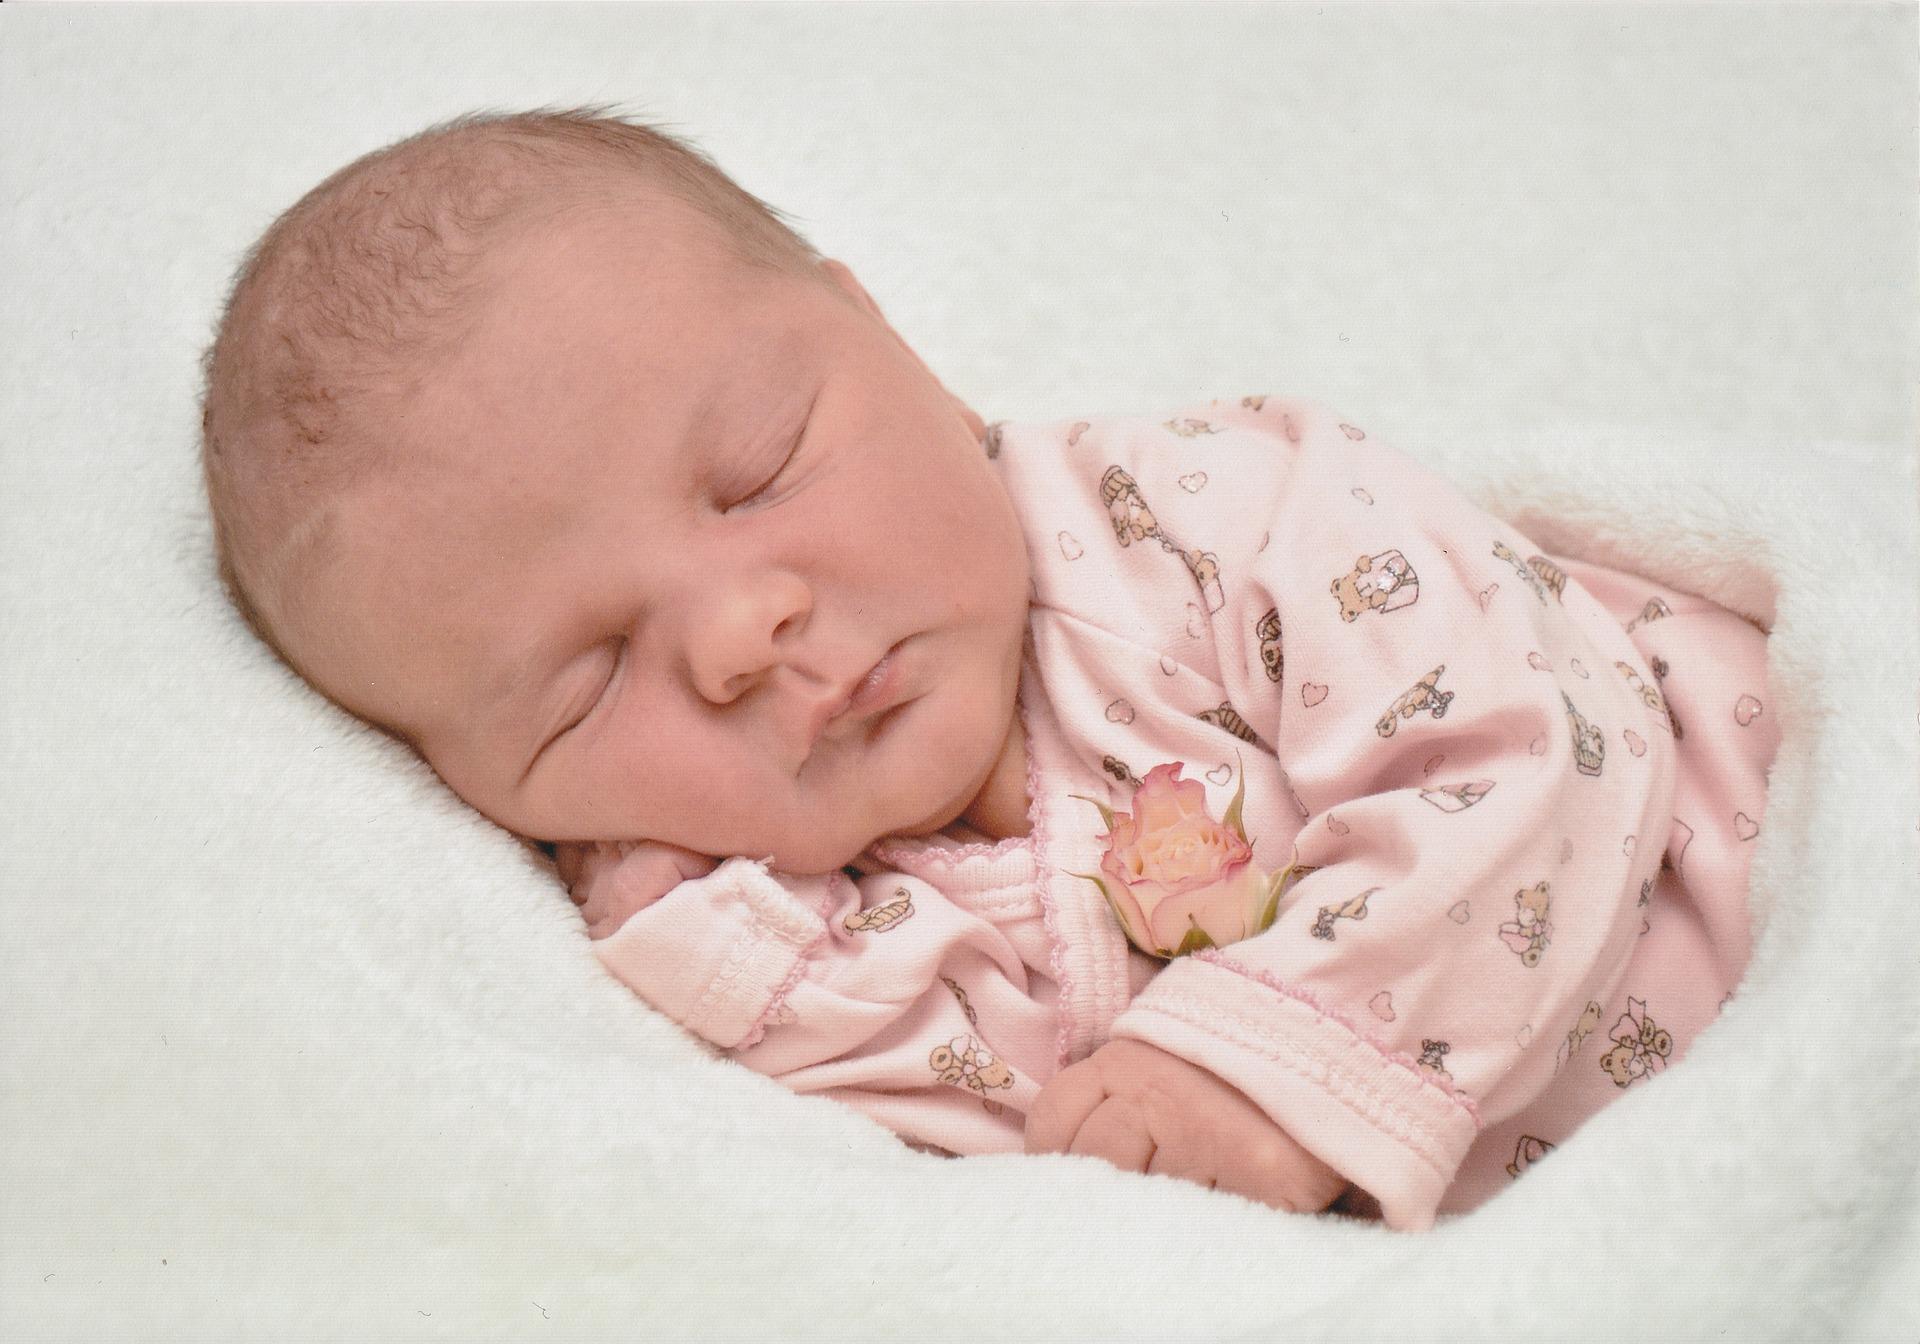 schlafrhythmus baby praktikable schlafgewohnheiten. Black Bedroom Furniture Sets. Home Design Ideas